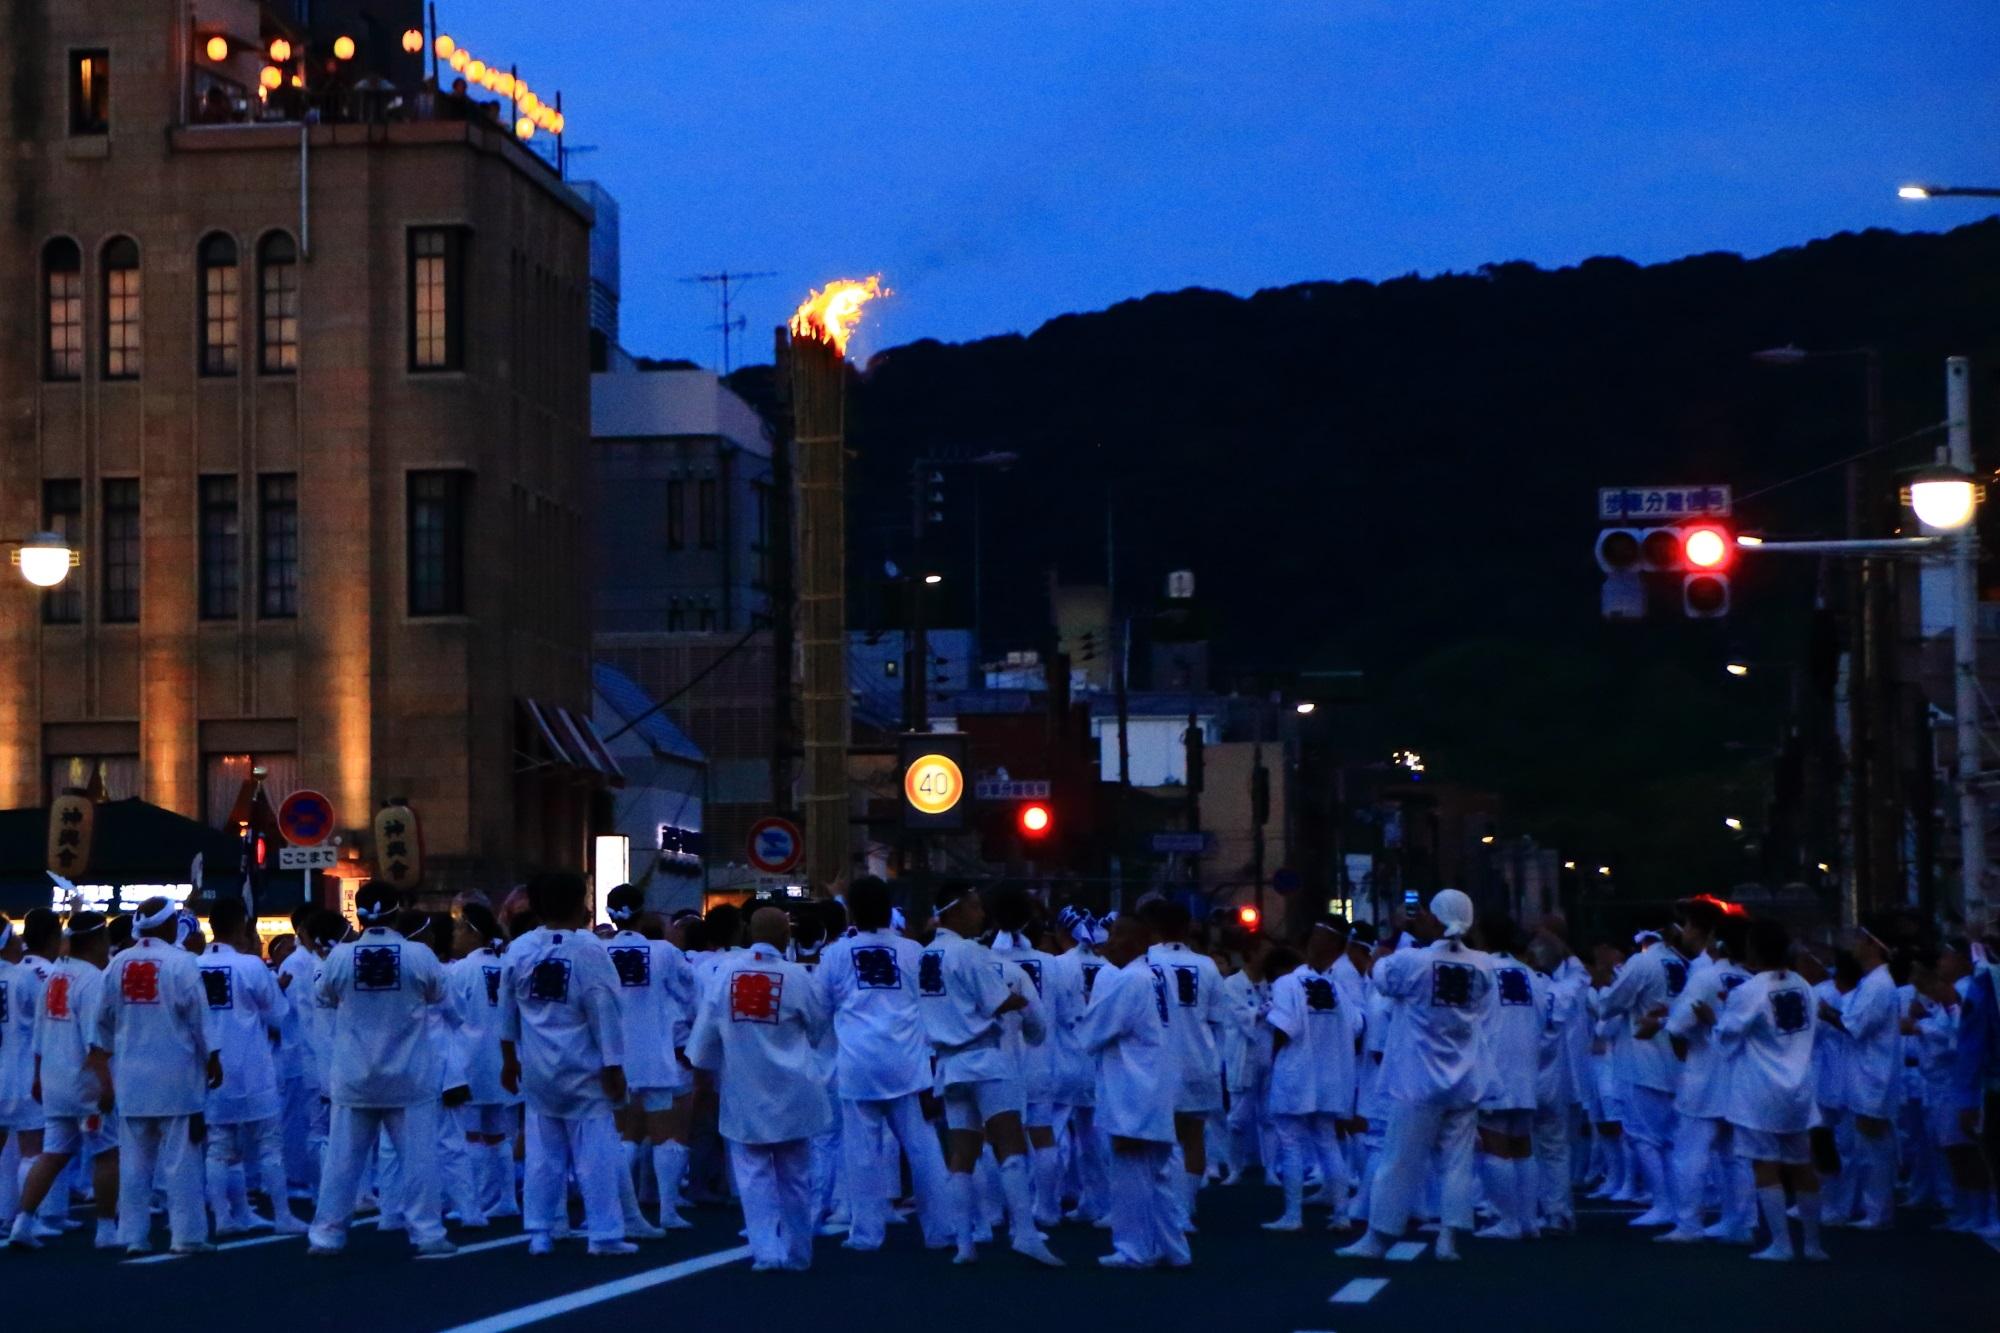 神輿洗 祇園祭 日本三大祭